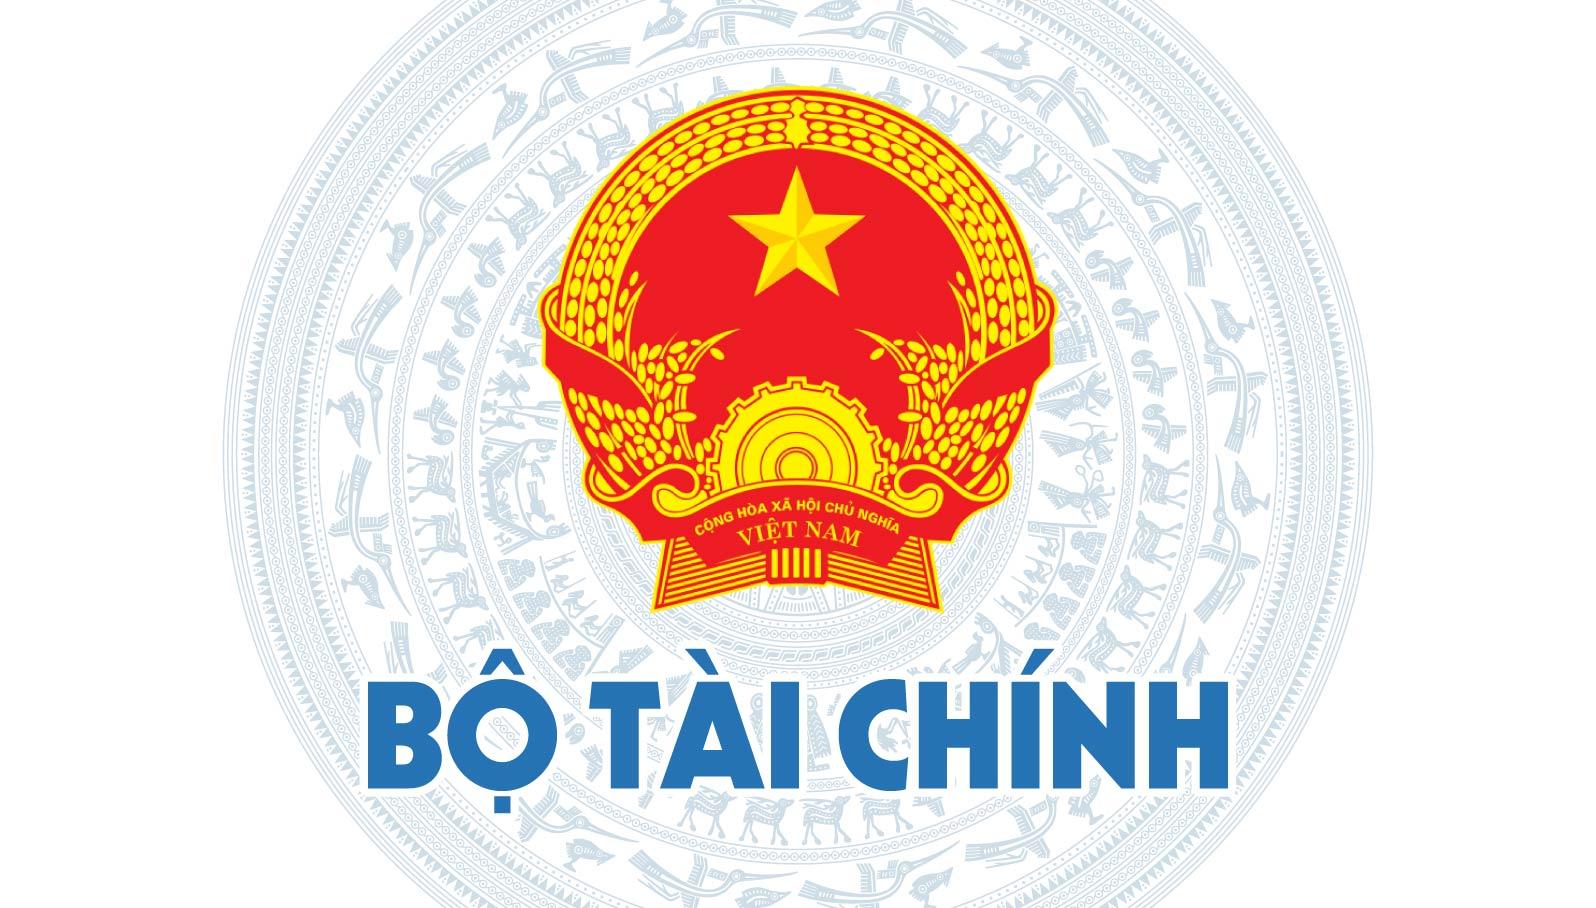 b-tai-chinh